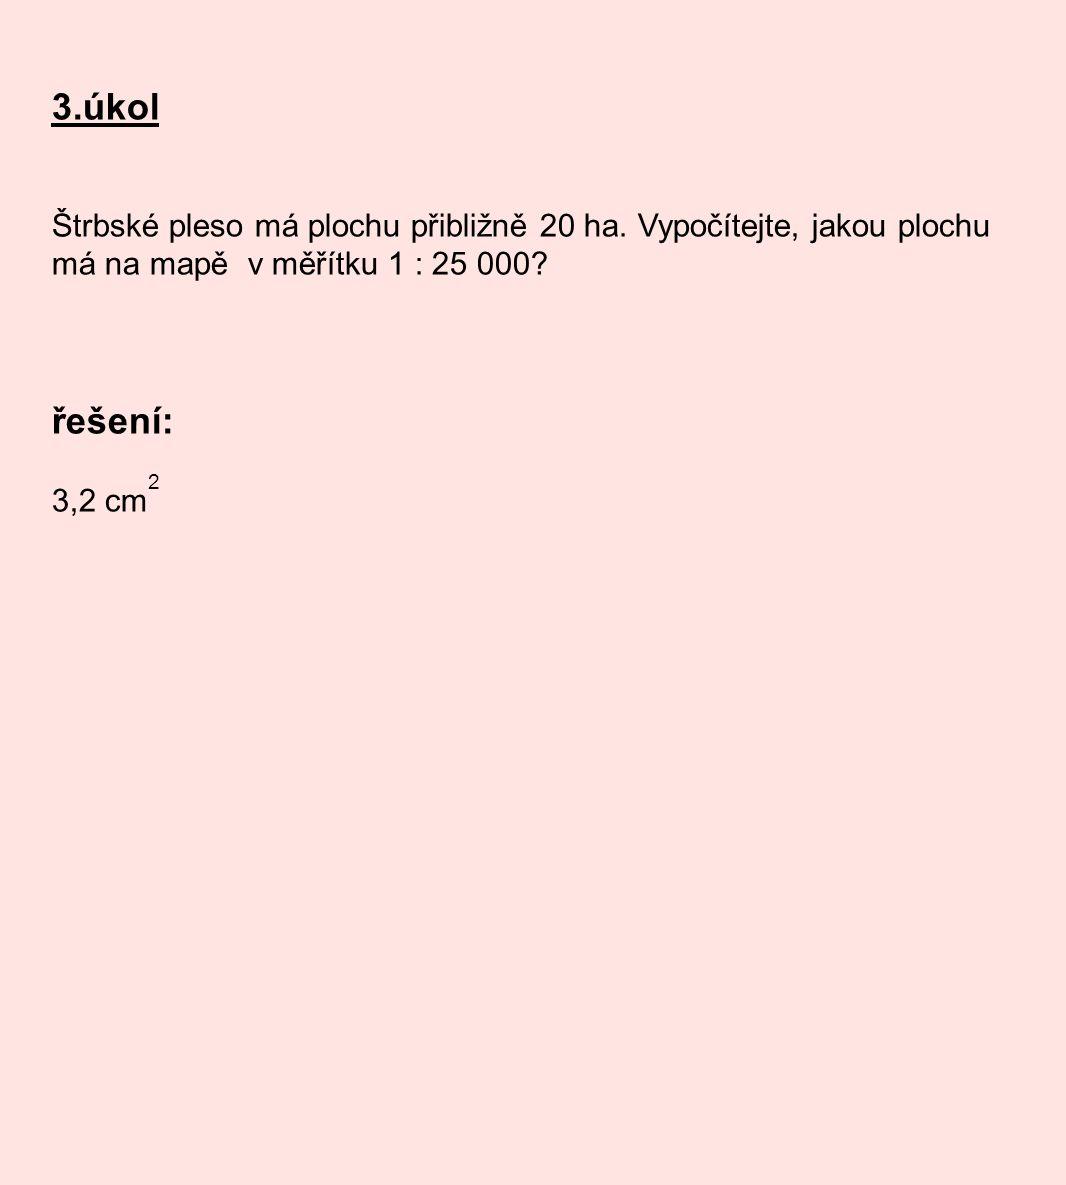 3.úkol Štrbské pleso má plochu přibližně 20 ha. Vypočítejte, jakou plochu má na mapě v měřítku 1 : 25 000? řešení: 3,2 cm 2